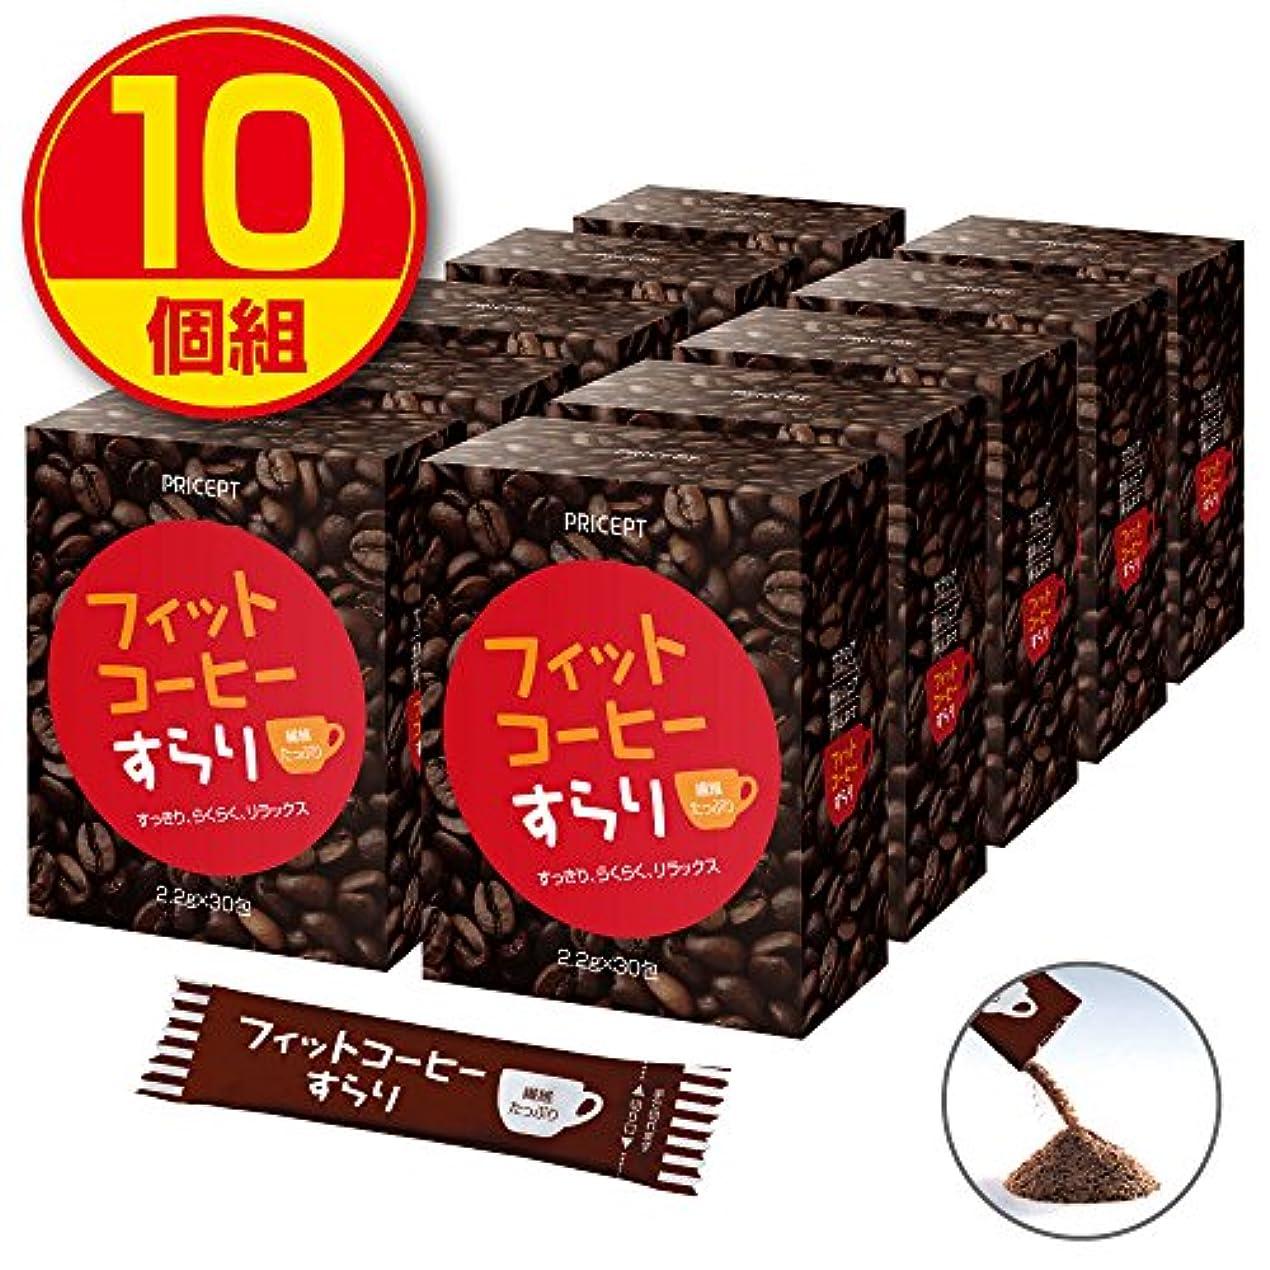 ビット半導体寝てるプリセプト フィットコーヒーすらり 30包【10個組(300包)】(ダイエットサポートコーヒー)